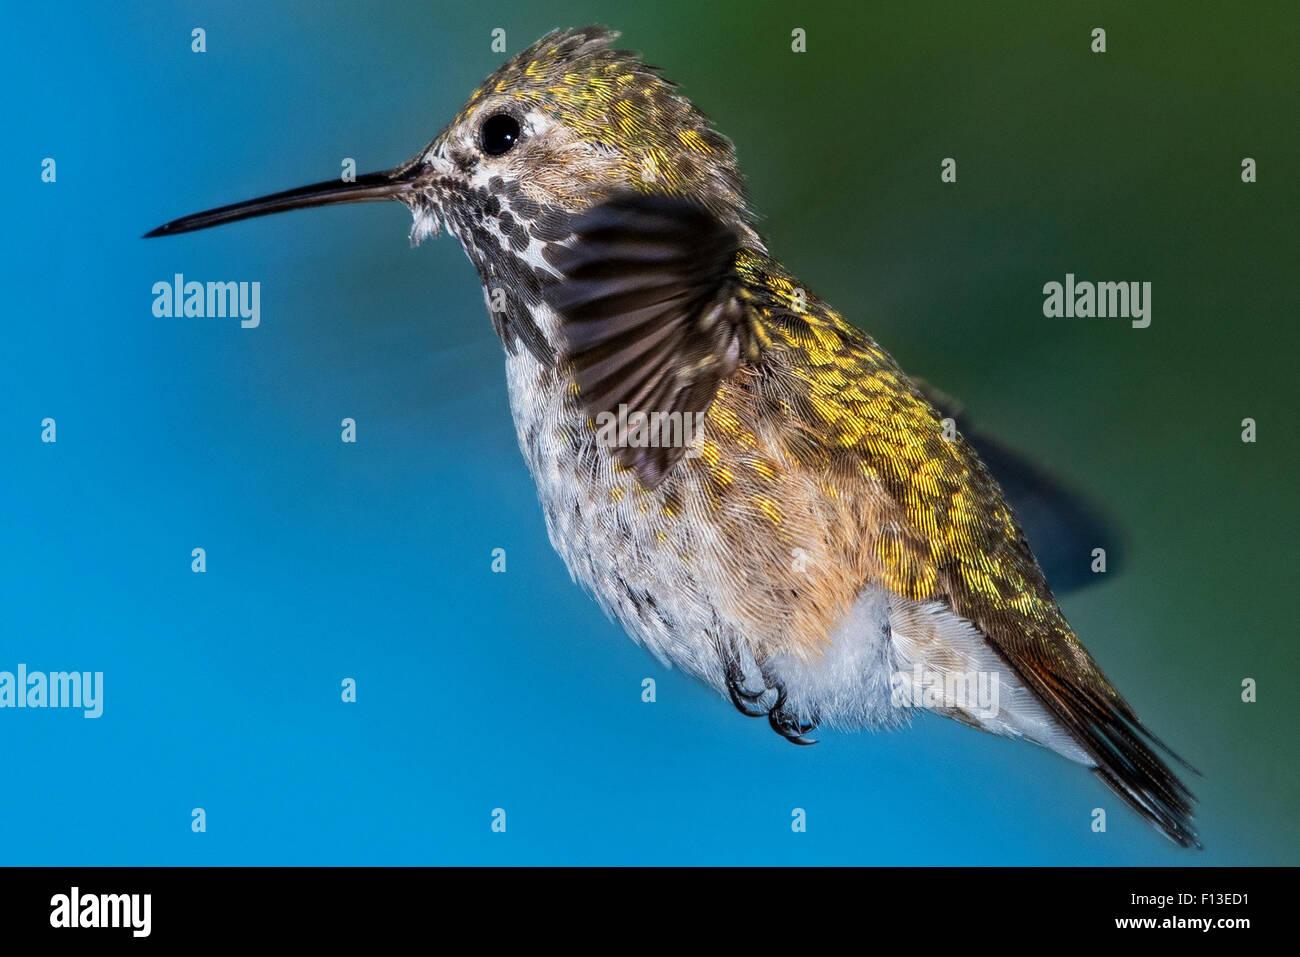 Porträt eines Calliope Kolibris schwebt in der Luft Stockbild